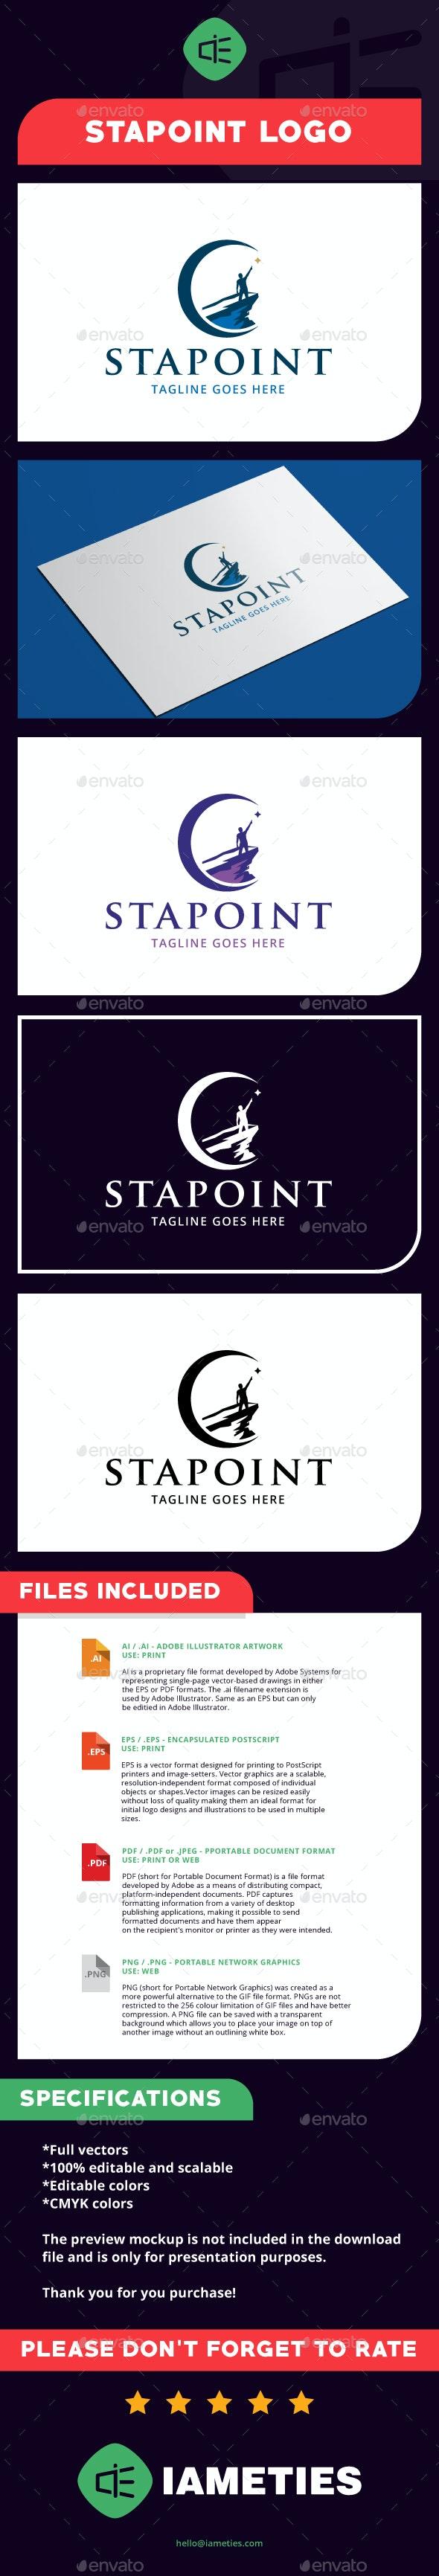 Stapoint Logo - Company Logo Templates